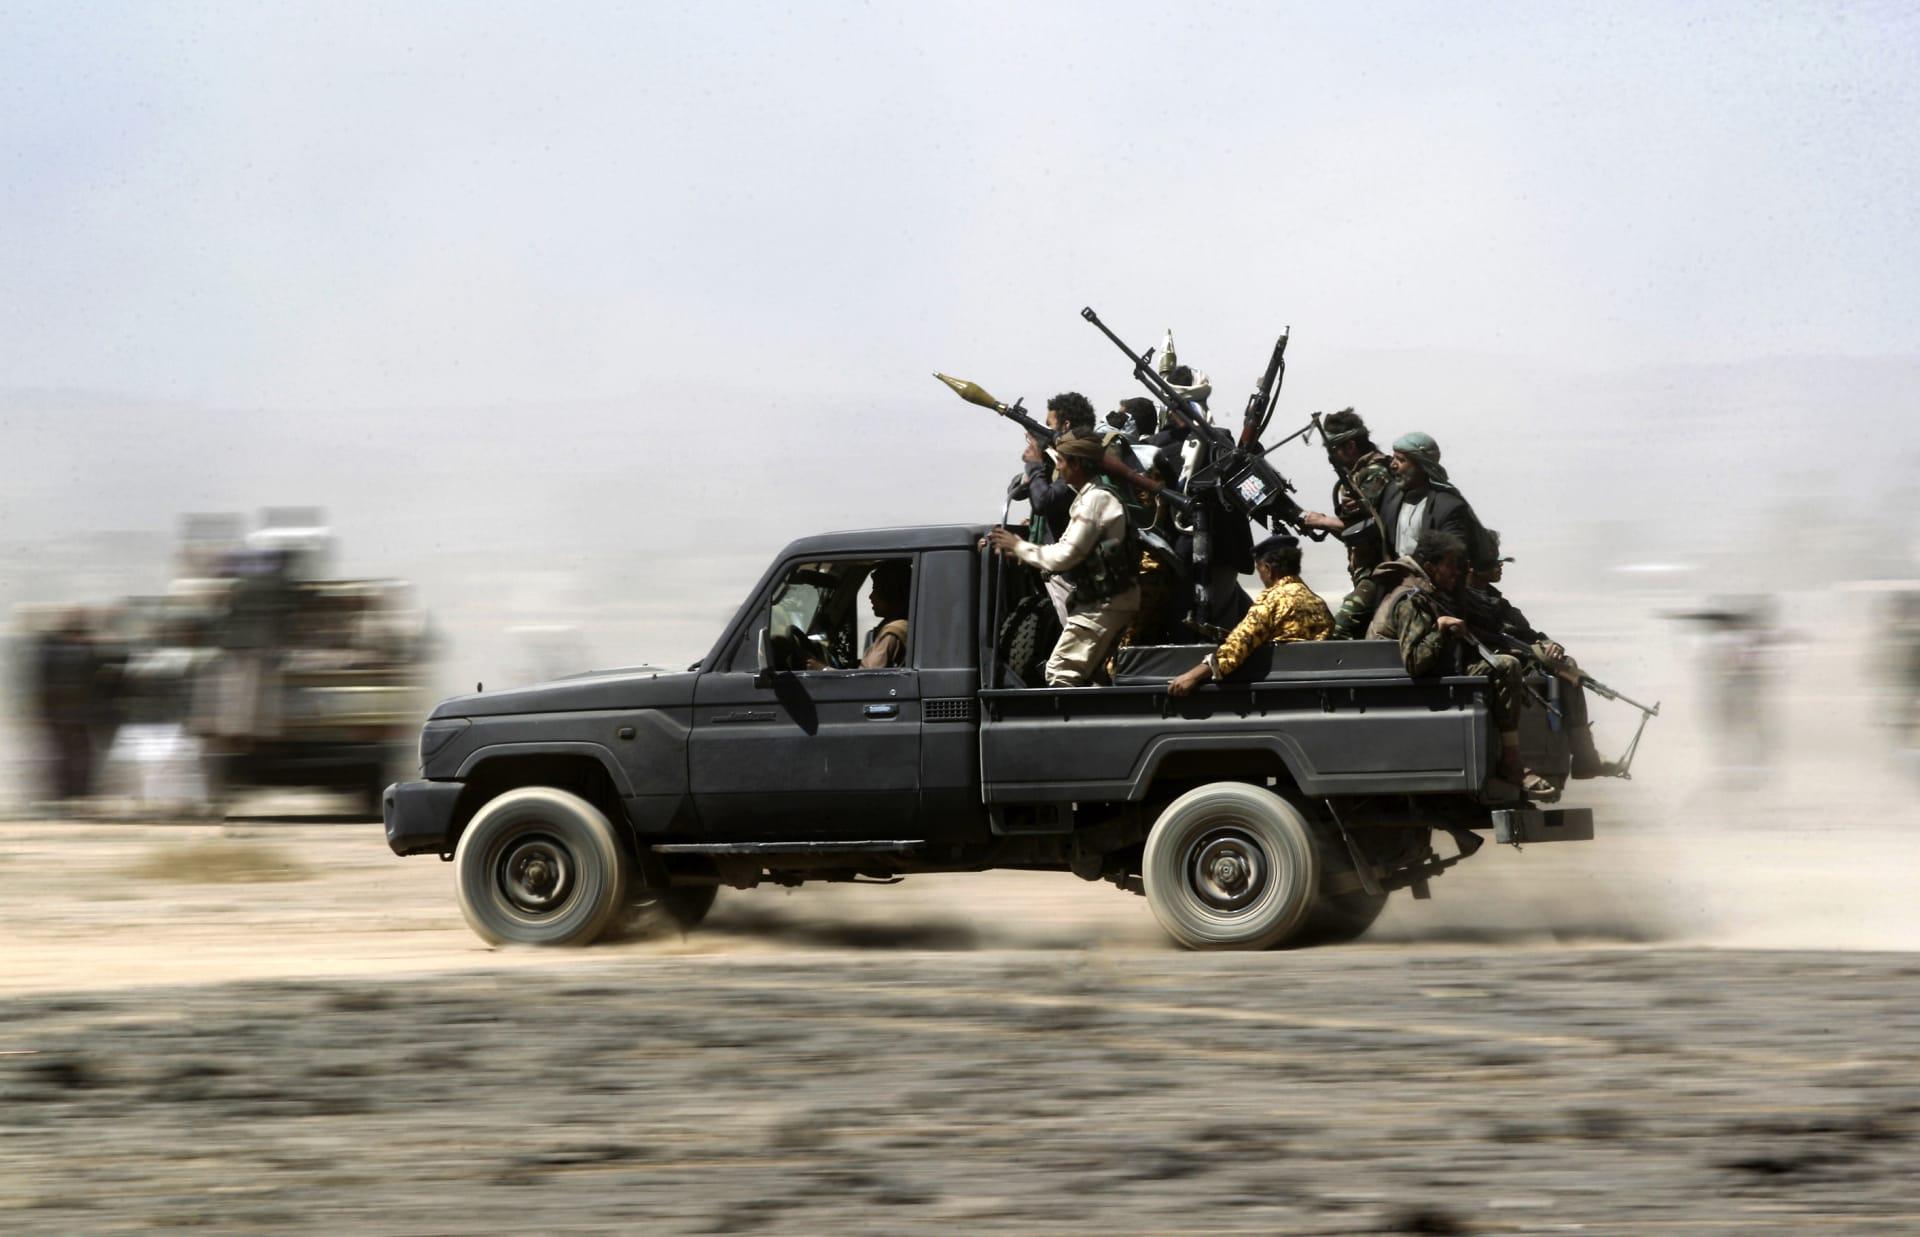 """السعودية تبرز أهمية قرار الإدارة الأمريكية تصنيف الحوثيين """"منظمة إرهابية"""": تنسجم مع مطالبات الحكومة اليمنية"""